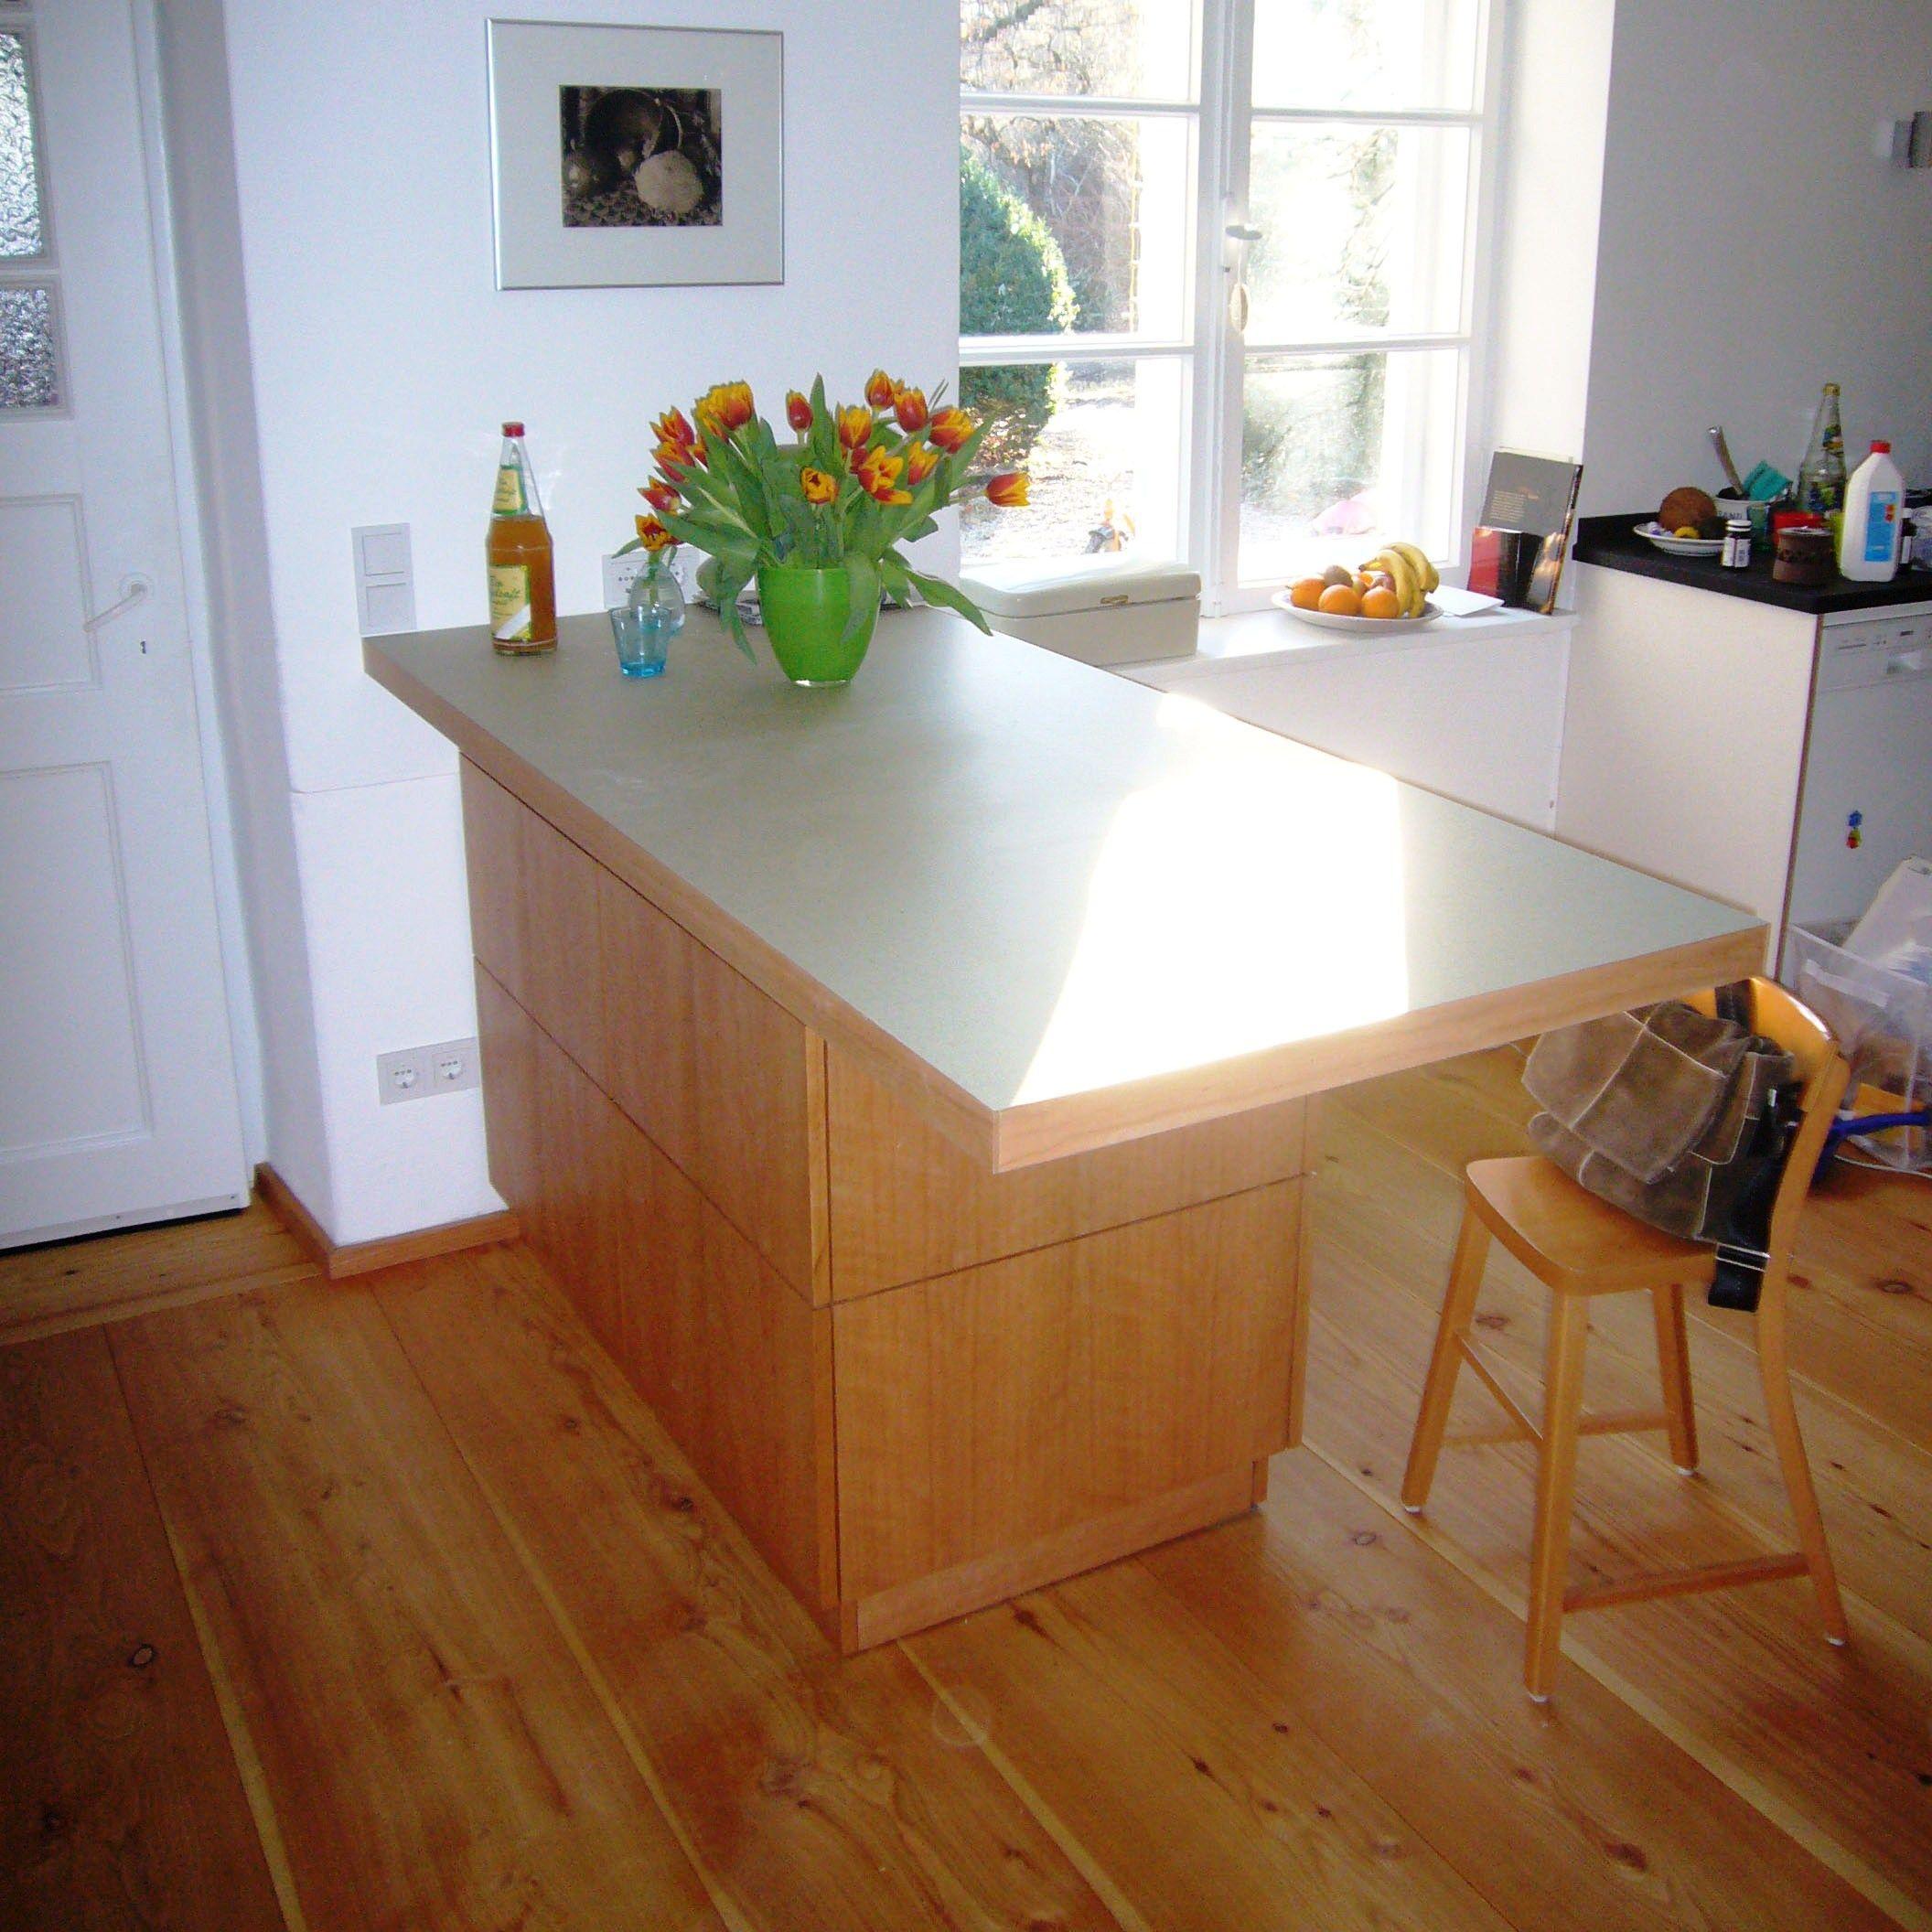 #Küchenzeile in #Kirschbaum und #Resopal beschichteter Platte